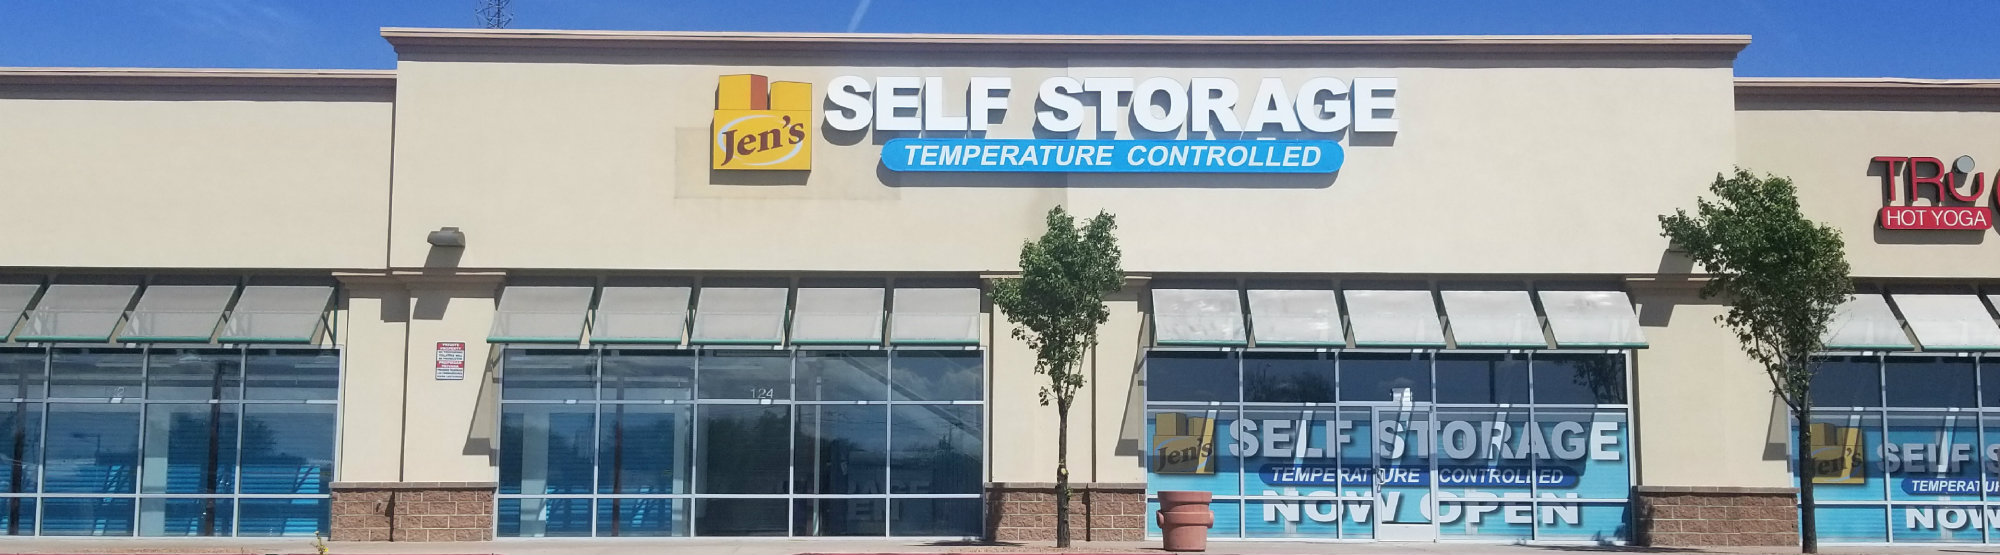 Jen's Self Storage